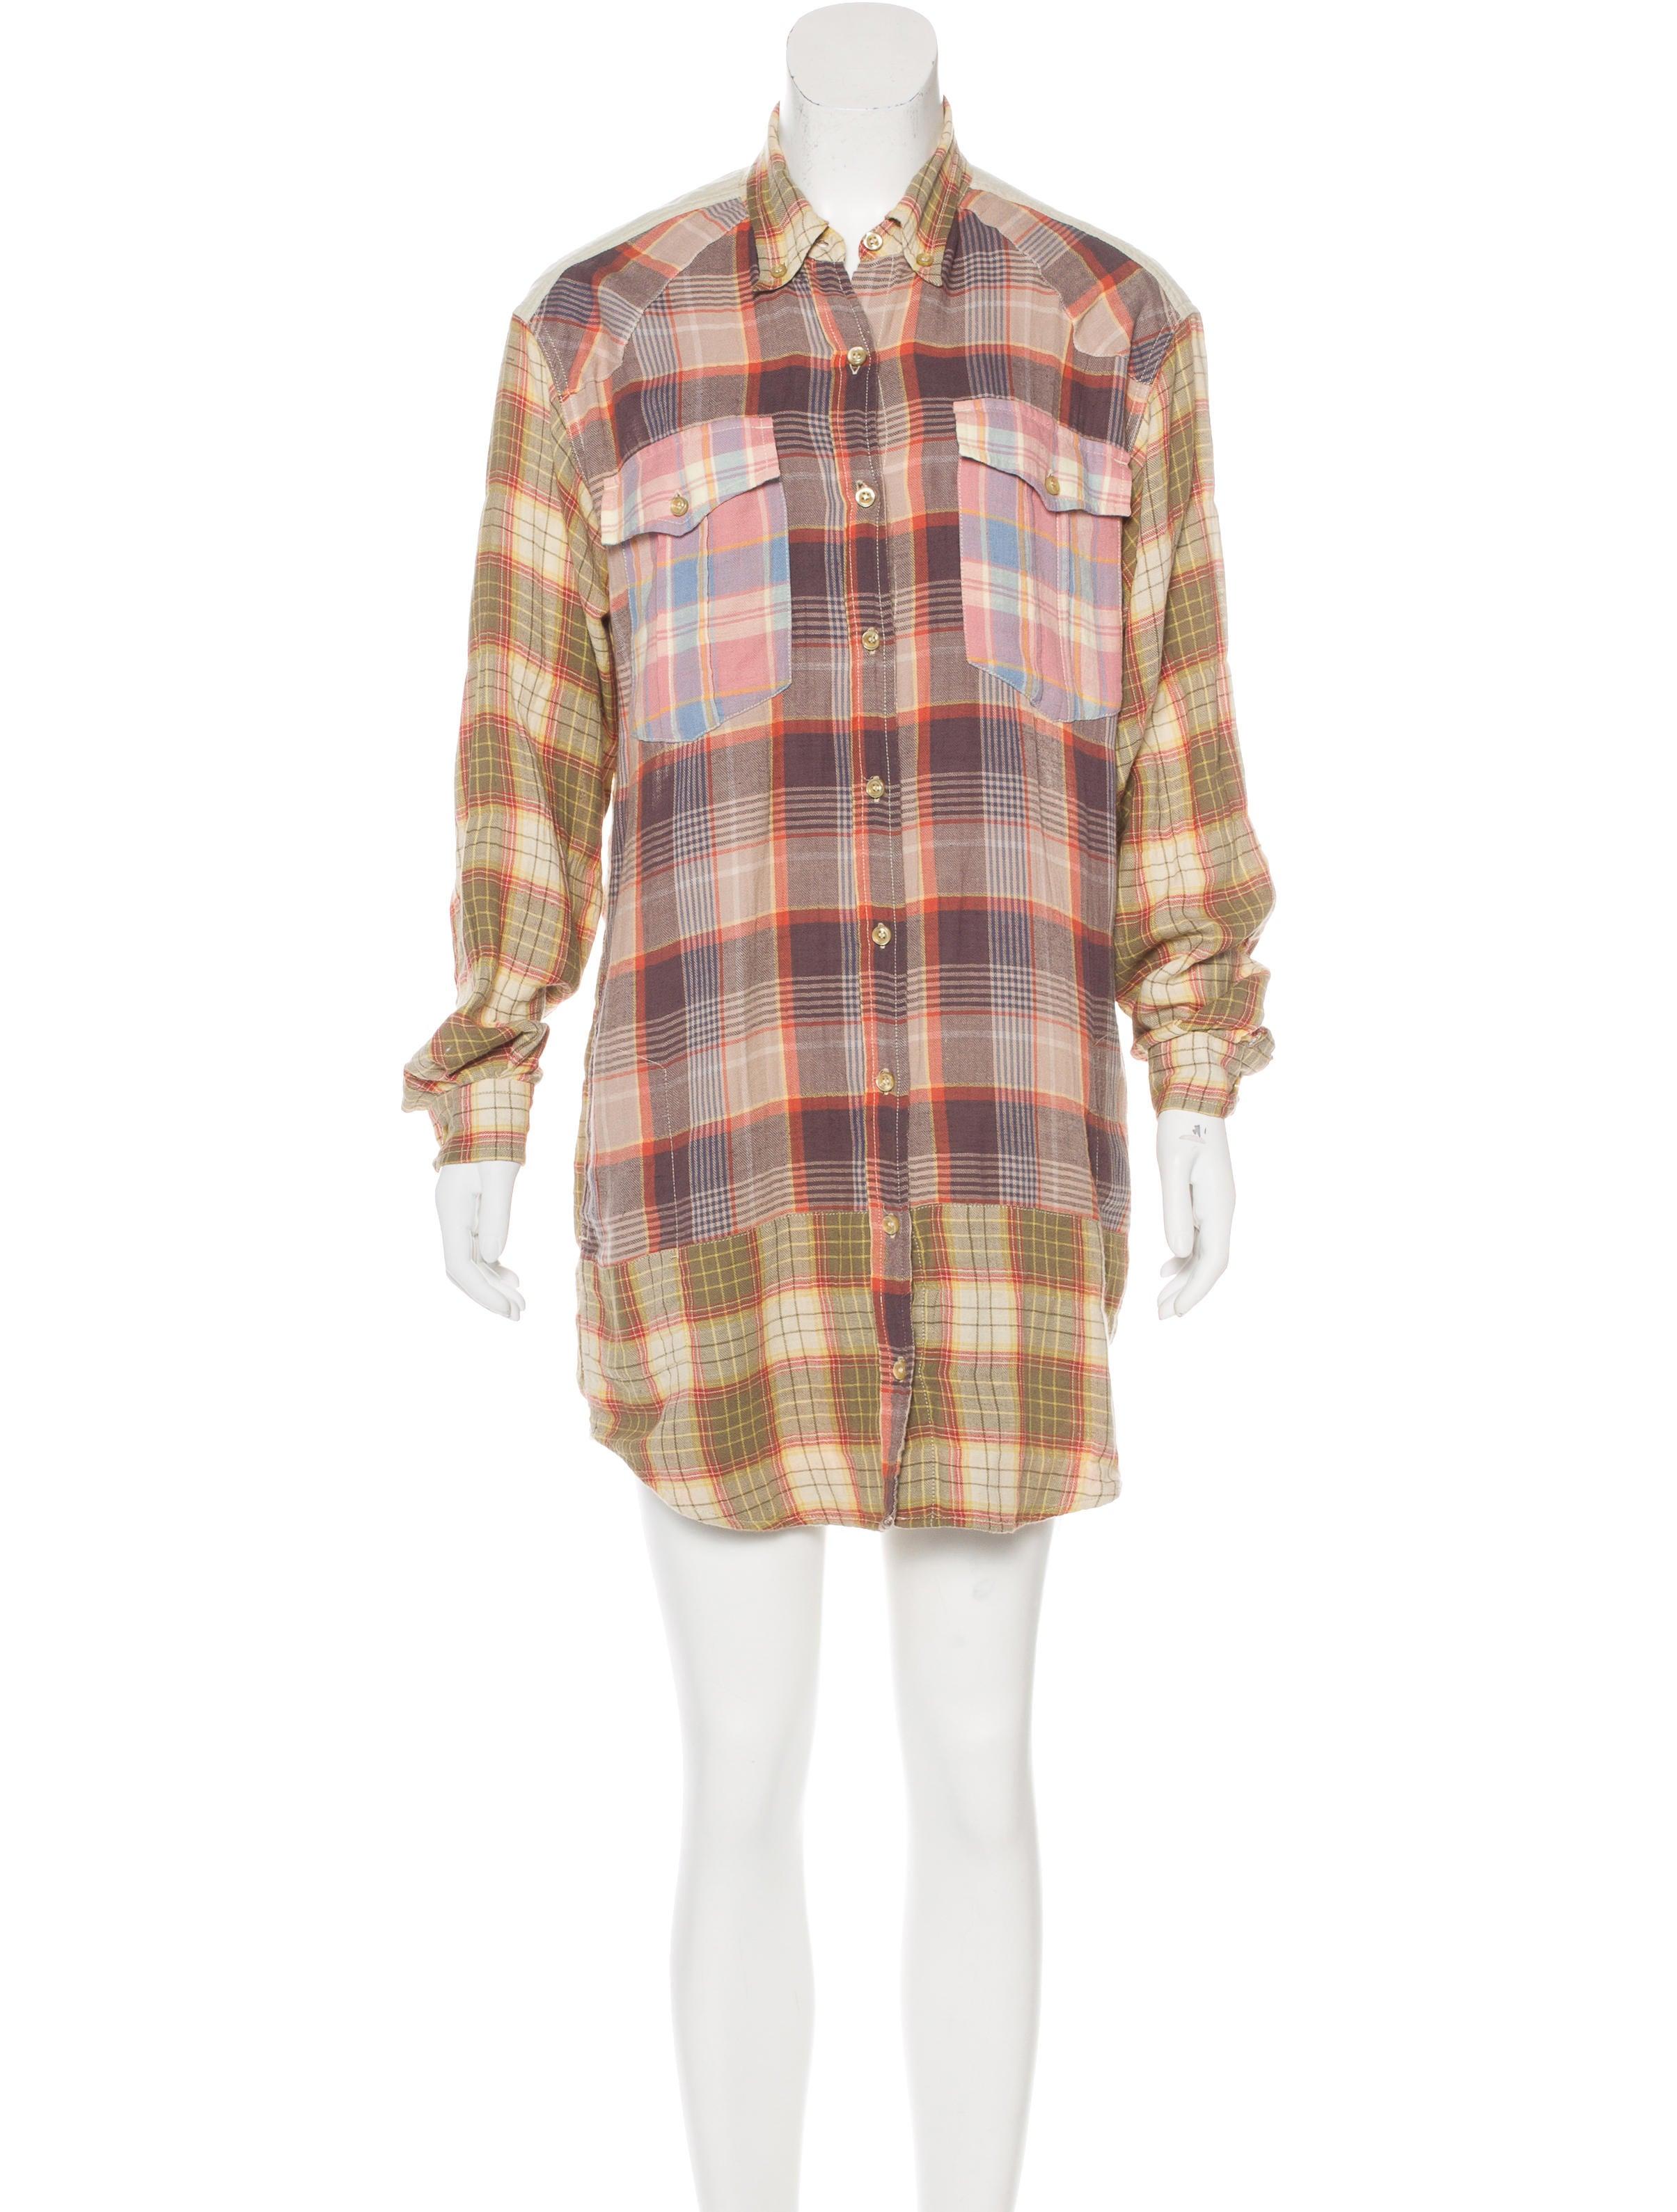 Toile isabel marant plaid shirt dress clothing for Isabel marant shirt dress